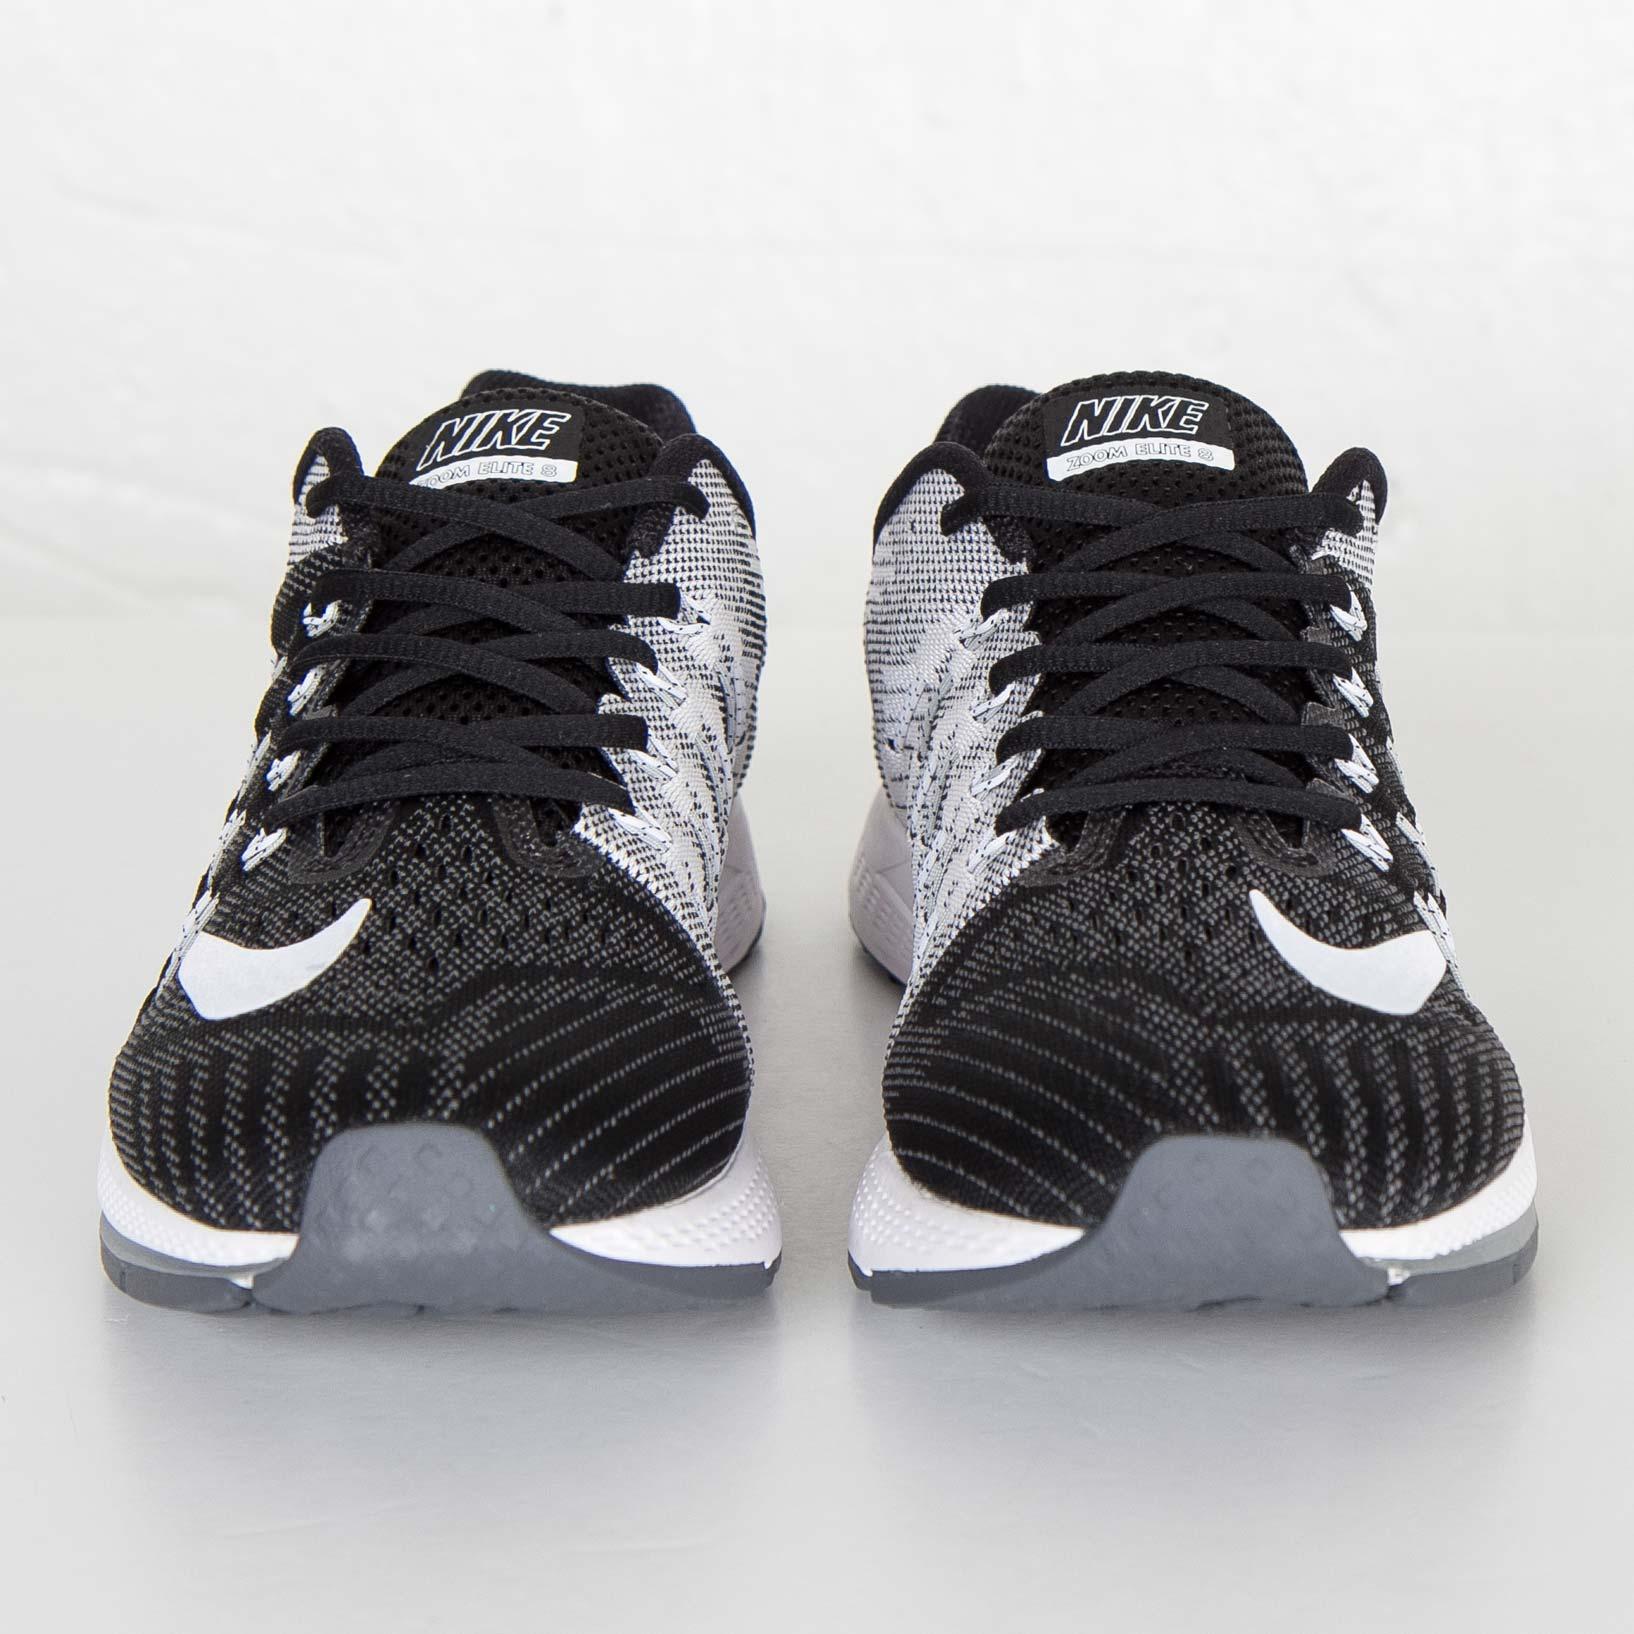 low priced c7210 60f0c Nike Air Zoom Elite 8 - 748588-001 - Sneakersnstuff ...